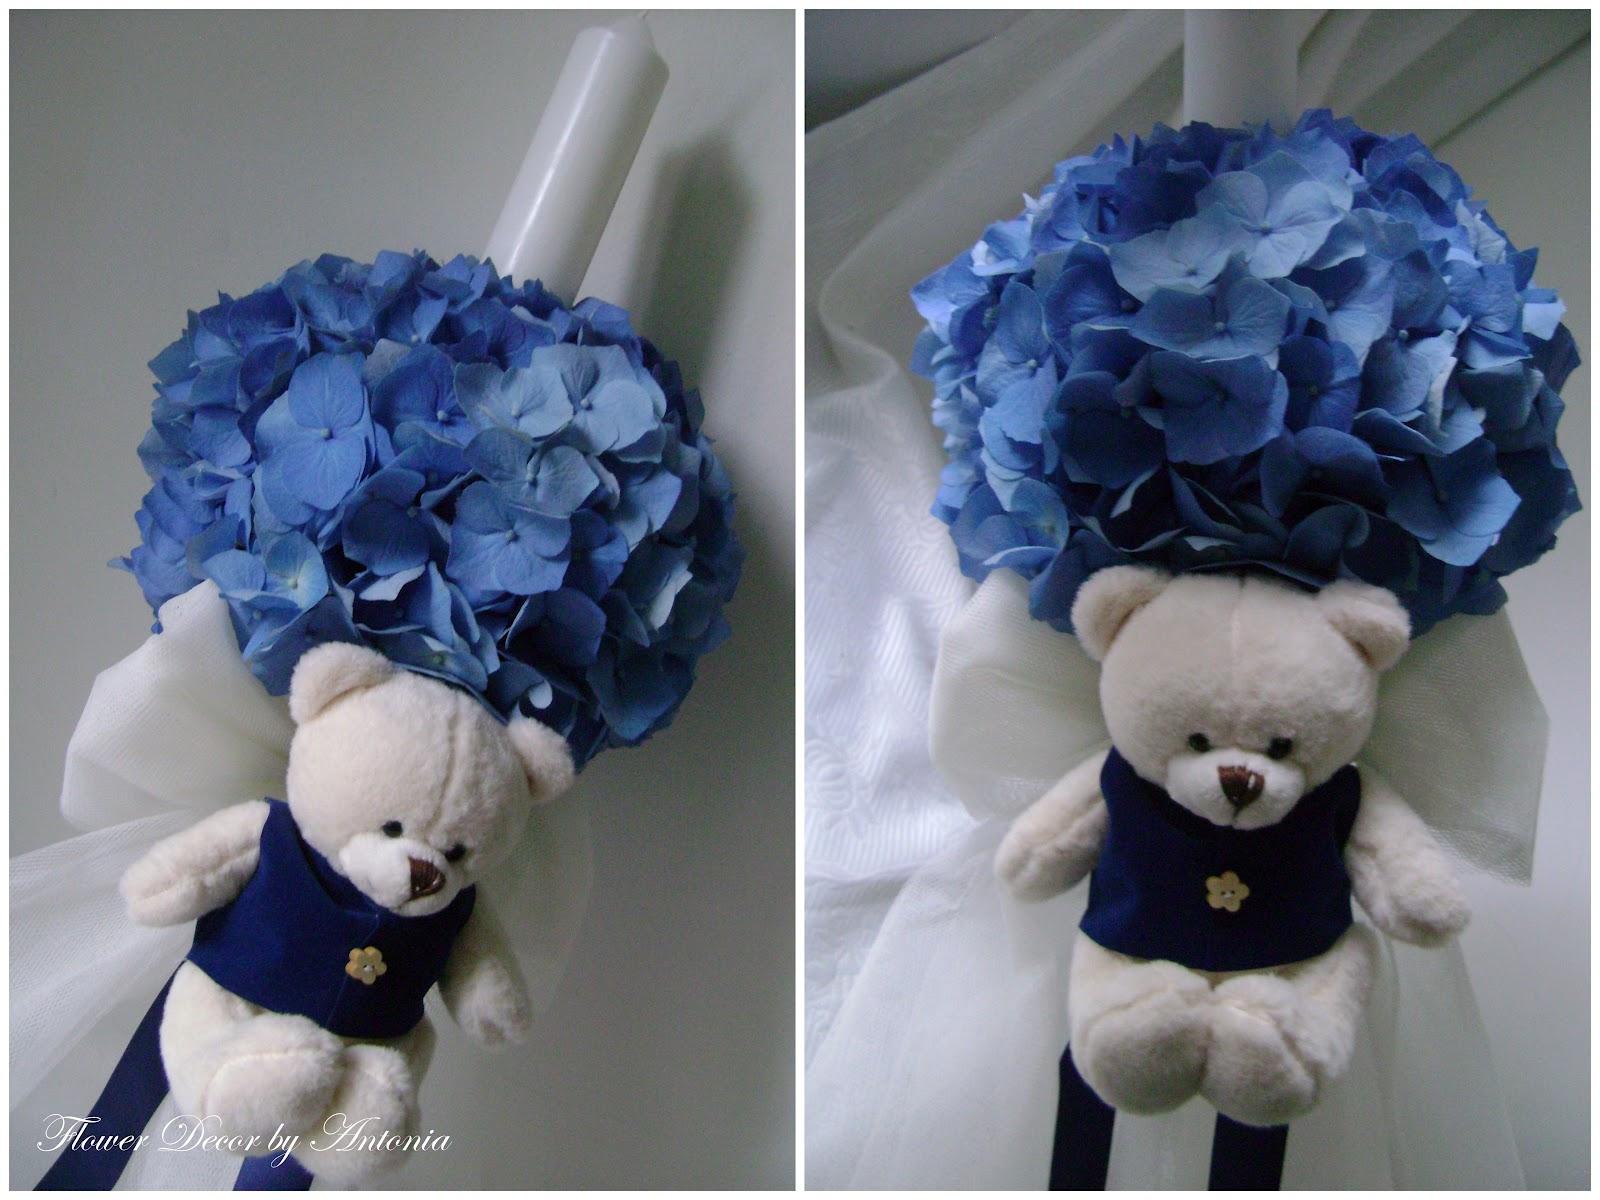 Flower Decor Mini Lumanare Botez Darius Alb Albastru